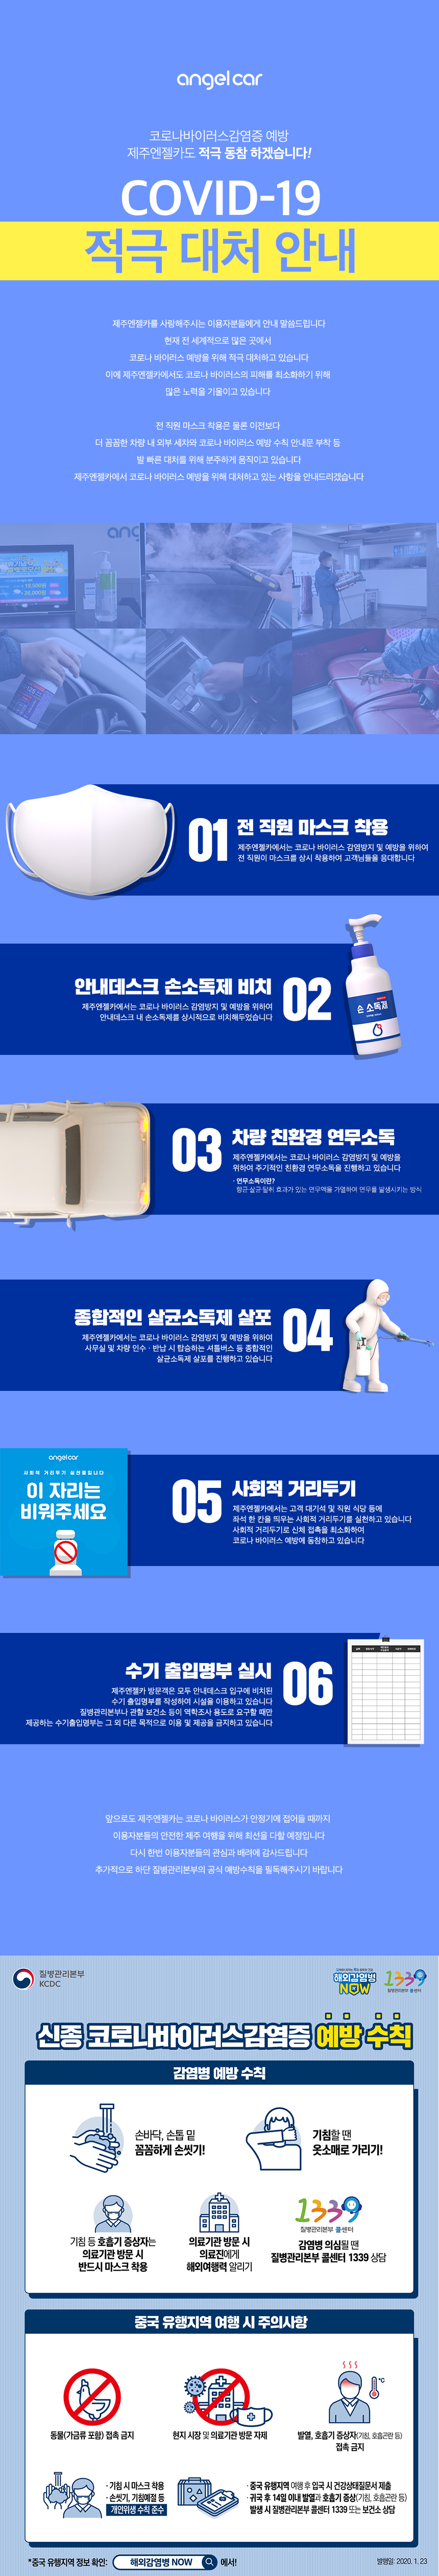 201224_제주엔젤카_상세페이지_코로나예방리뉴얼.jpg